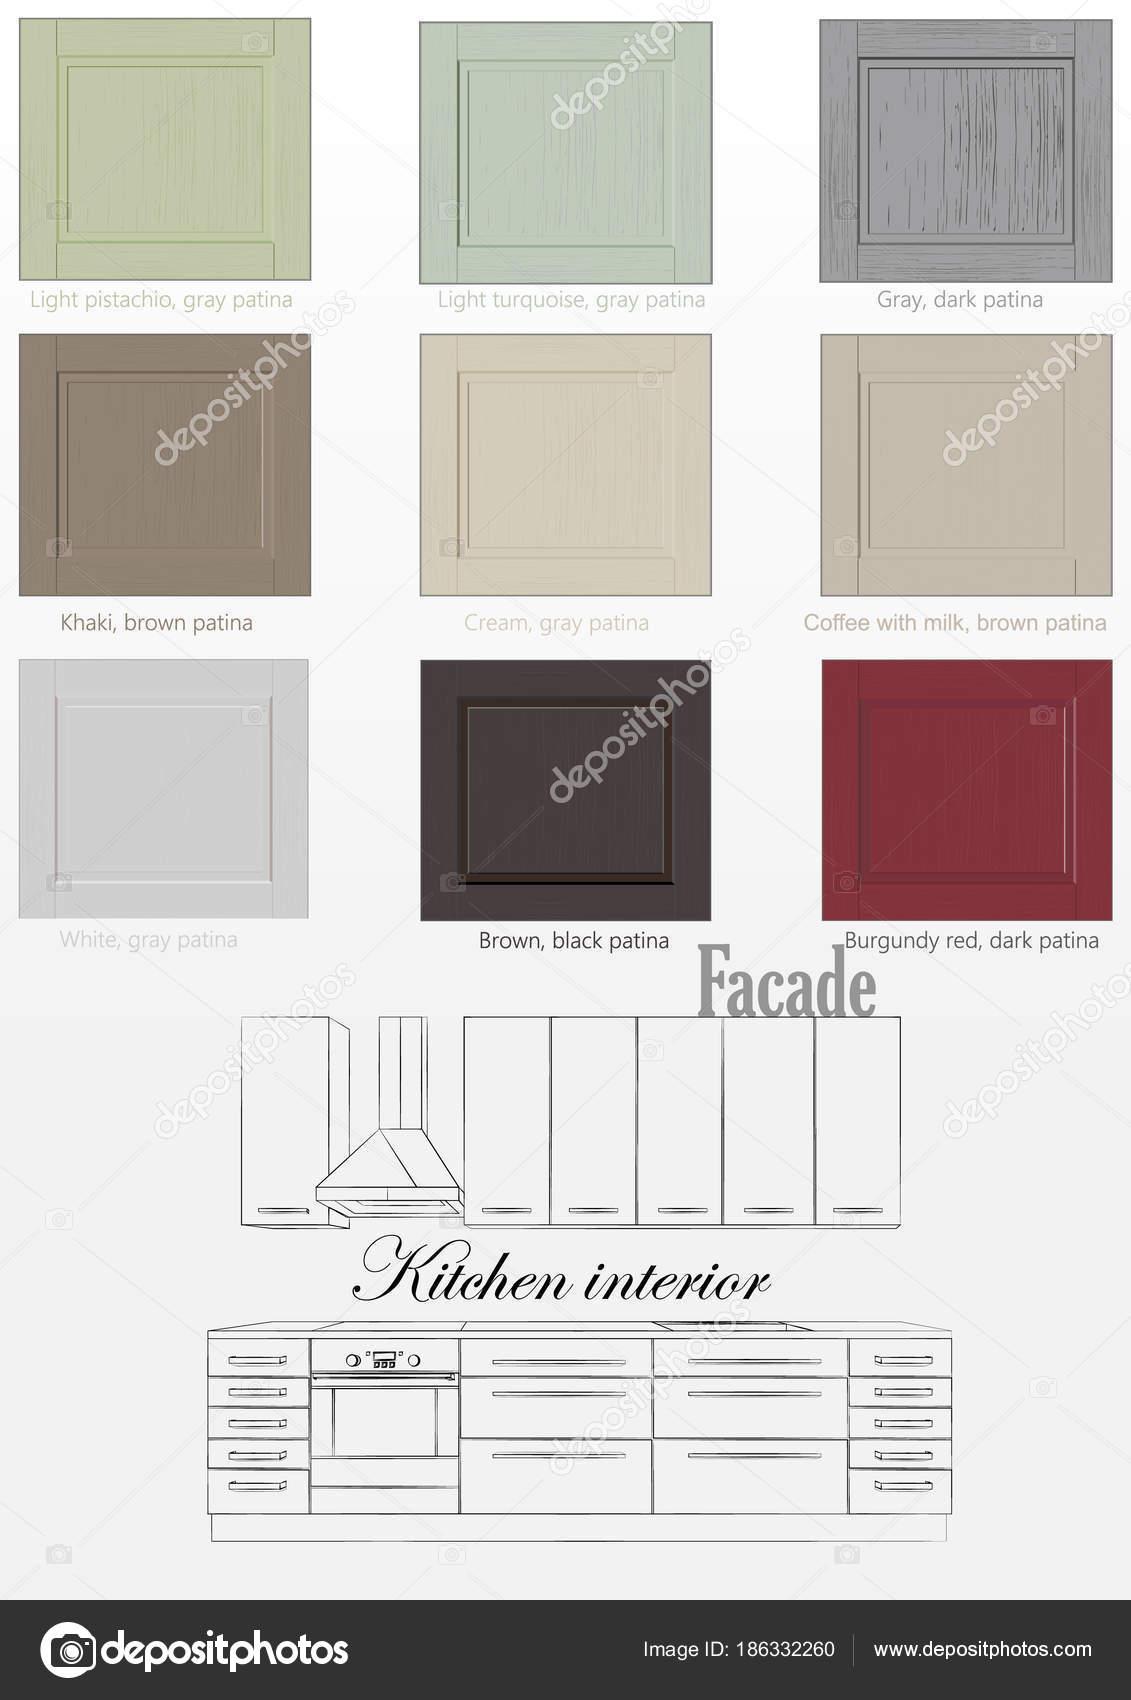 Awesome di colori della facciata cucina interior design - Il gioco della cucina ...